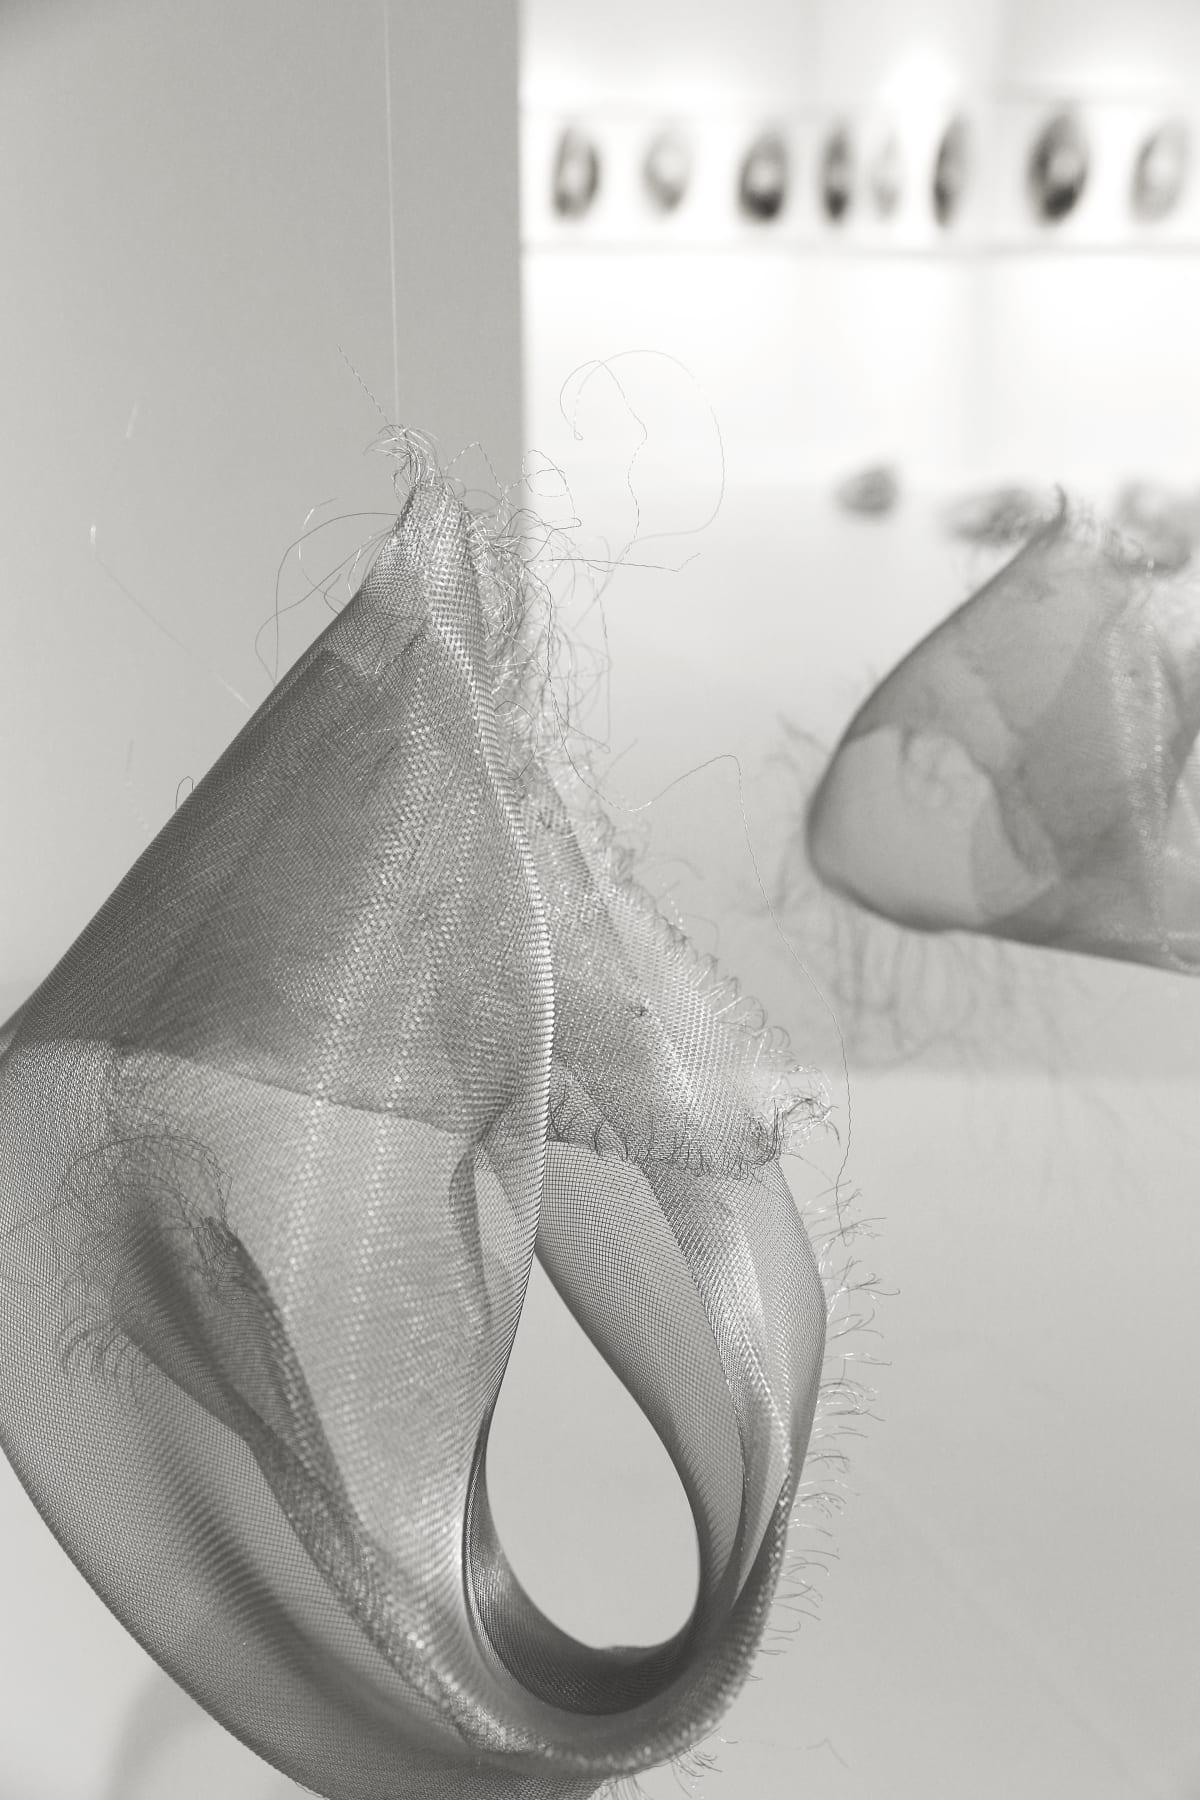 Galerie Du Monde Stella Zhang Translution 2018 3